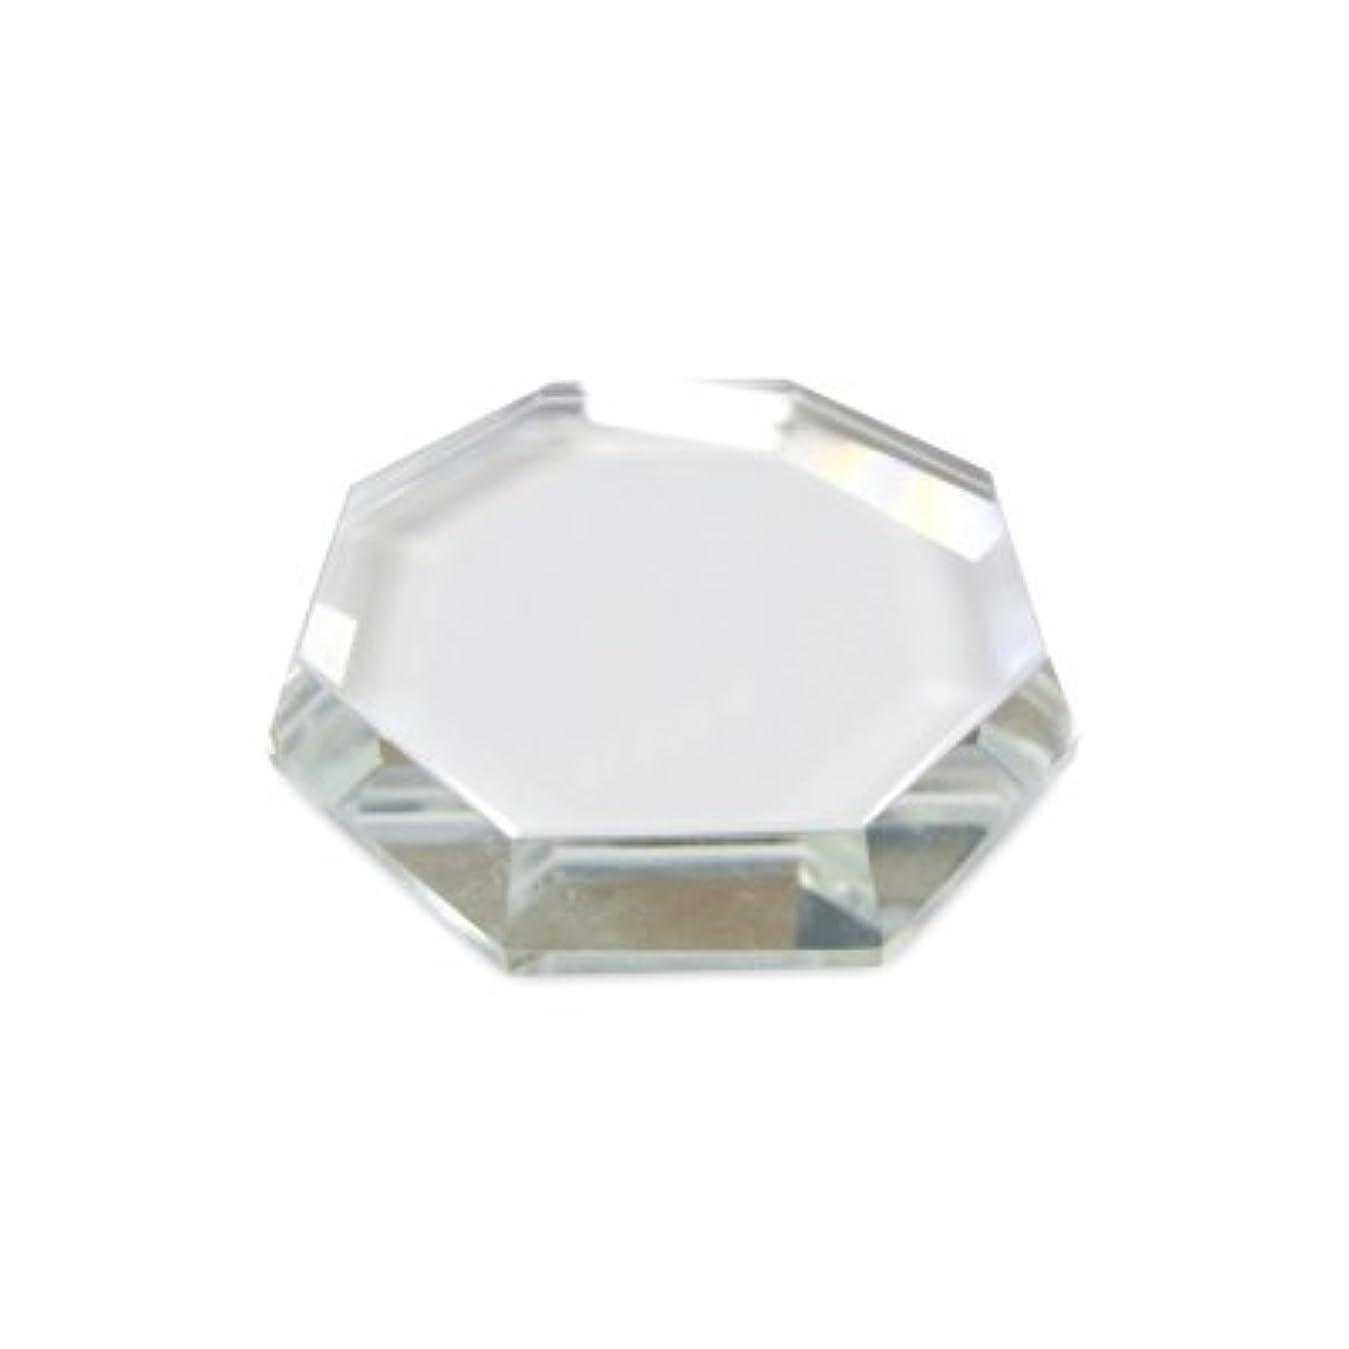 統合外交キノコ[まつげエクステ]クリスタルグループレート〈ガラス製〉八角形 55mm